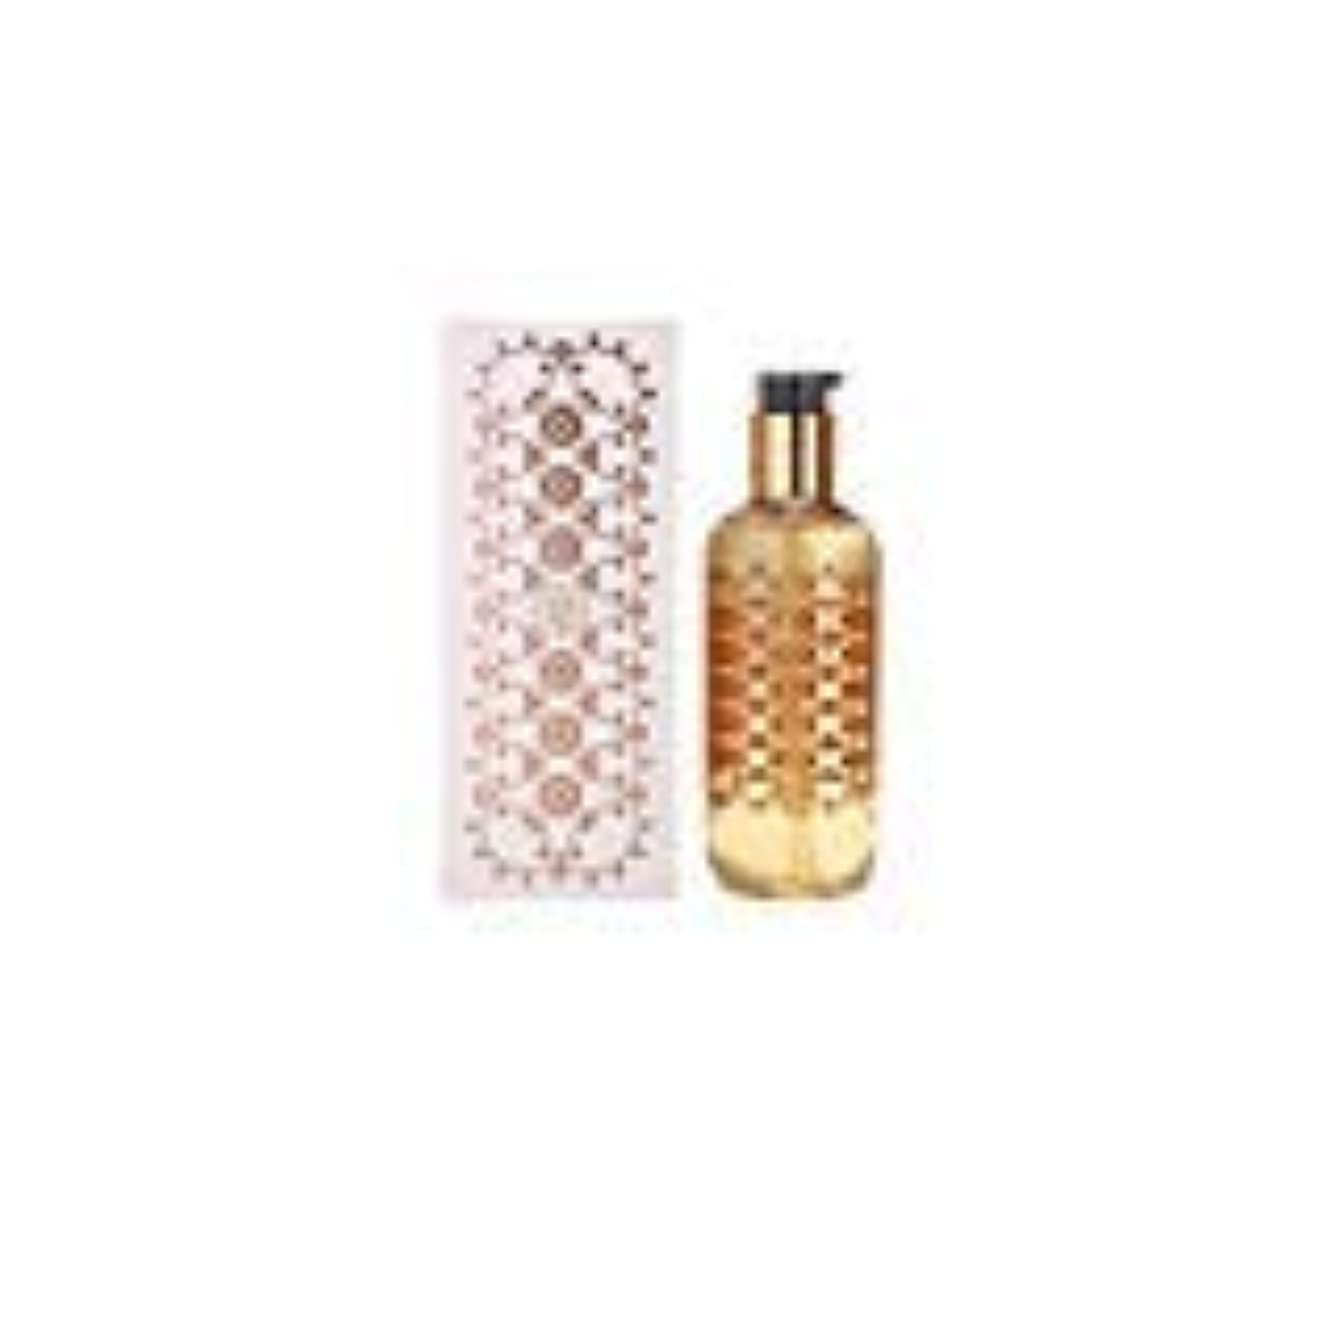 素晴らしい良い多くの成り立つ丁寧アムアージュダイヤシャワージェル女性300ミリリットル+ 3アムアージュ香水サンプラーバイアル - 無料